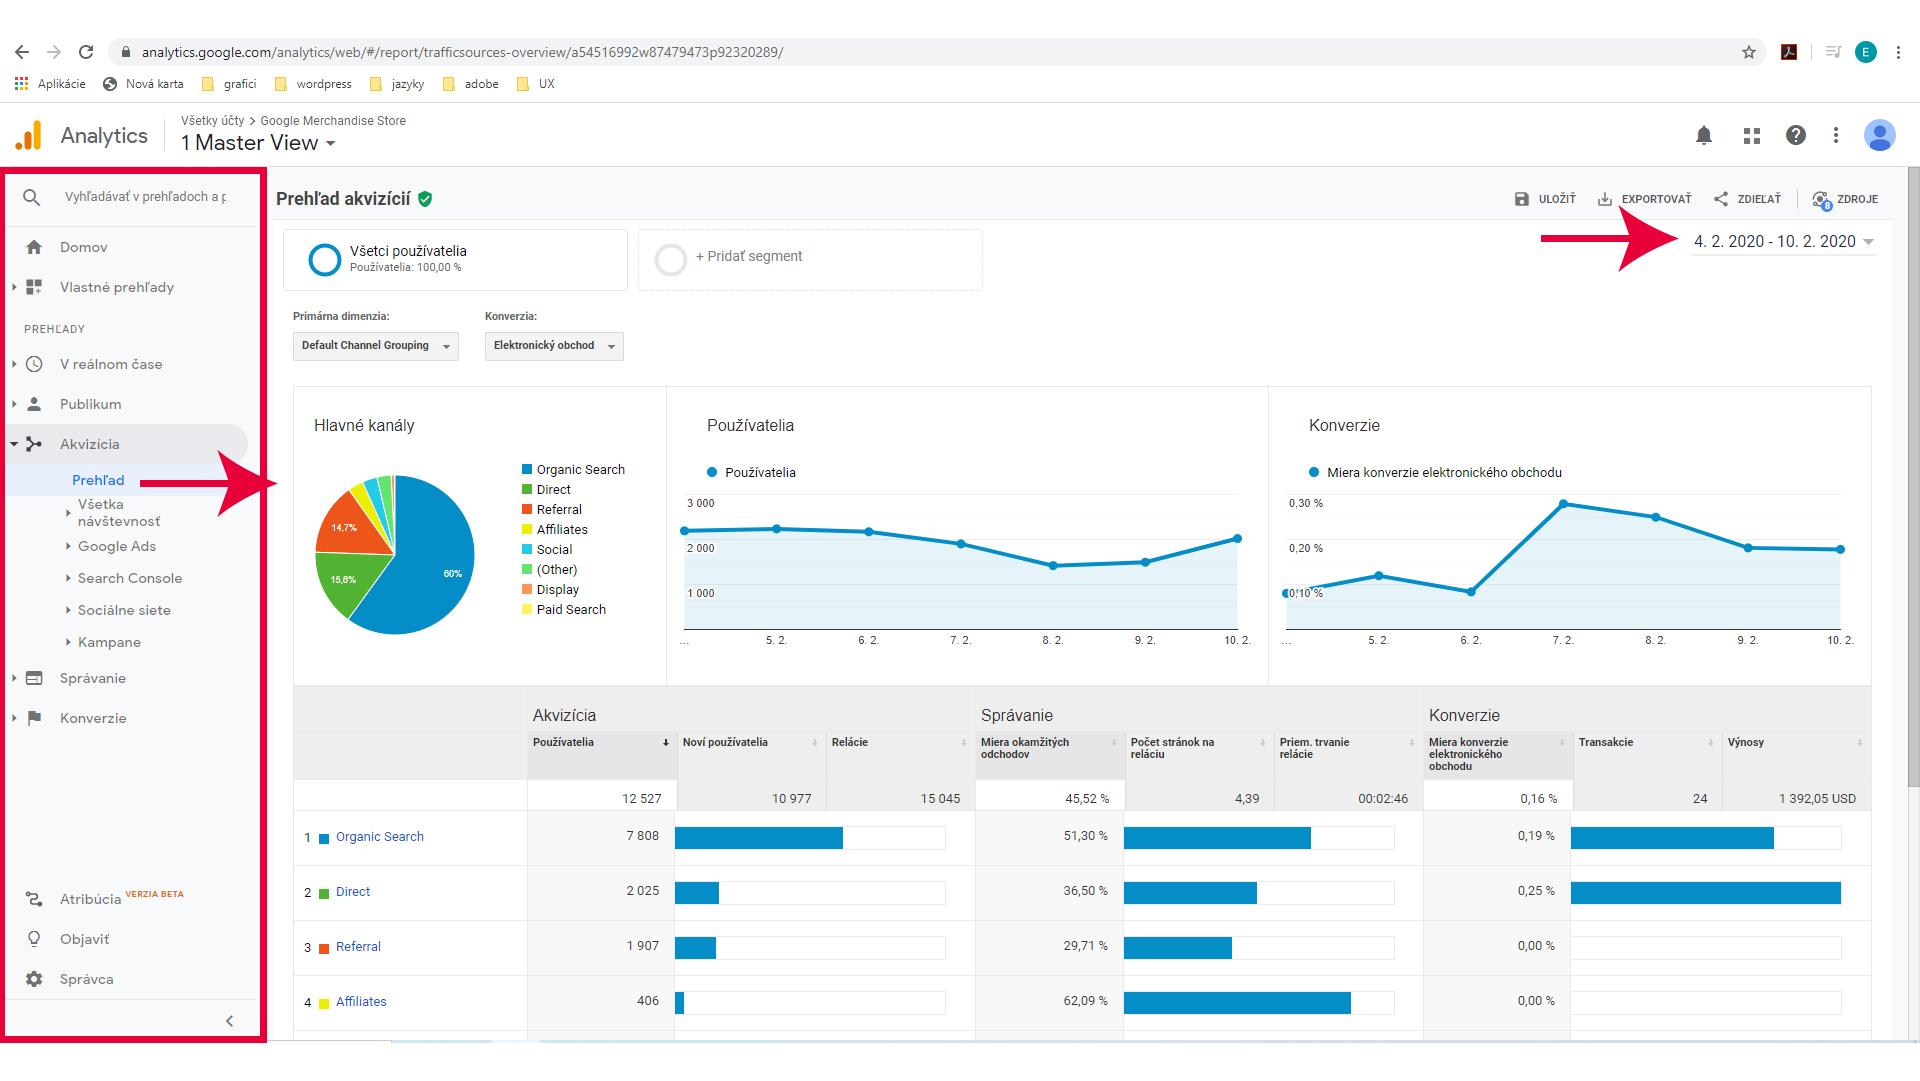 Prehľad akvizícií v Google Analytics